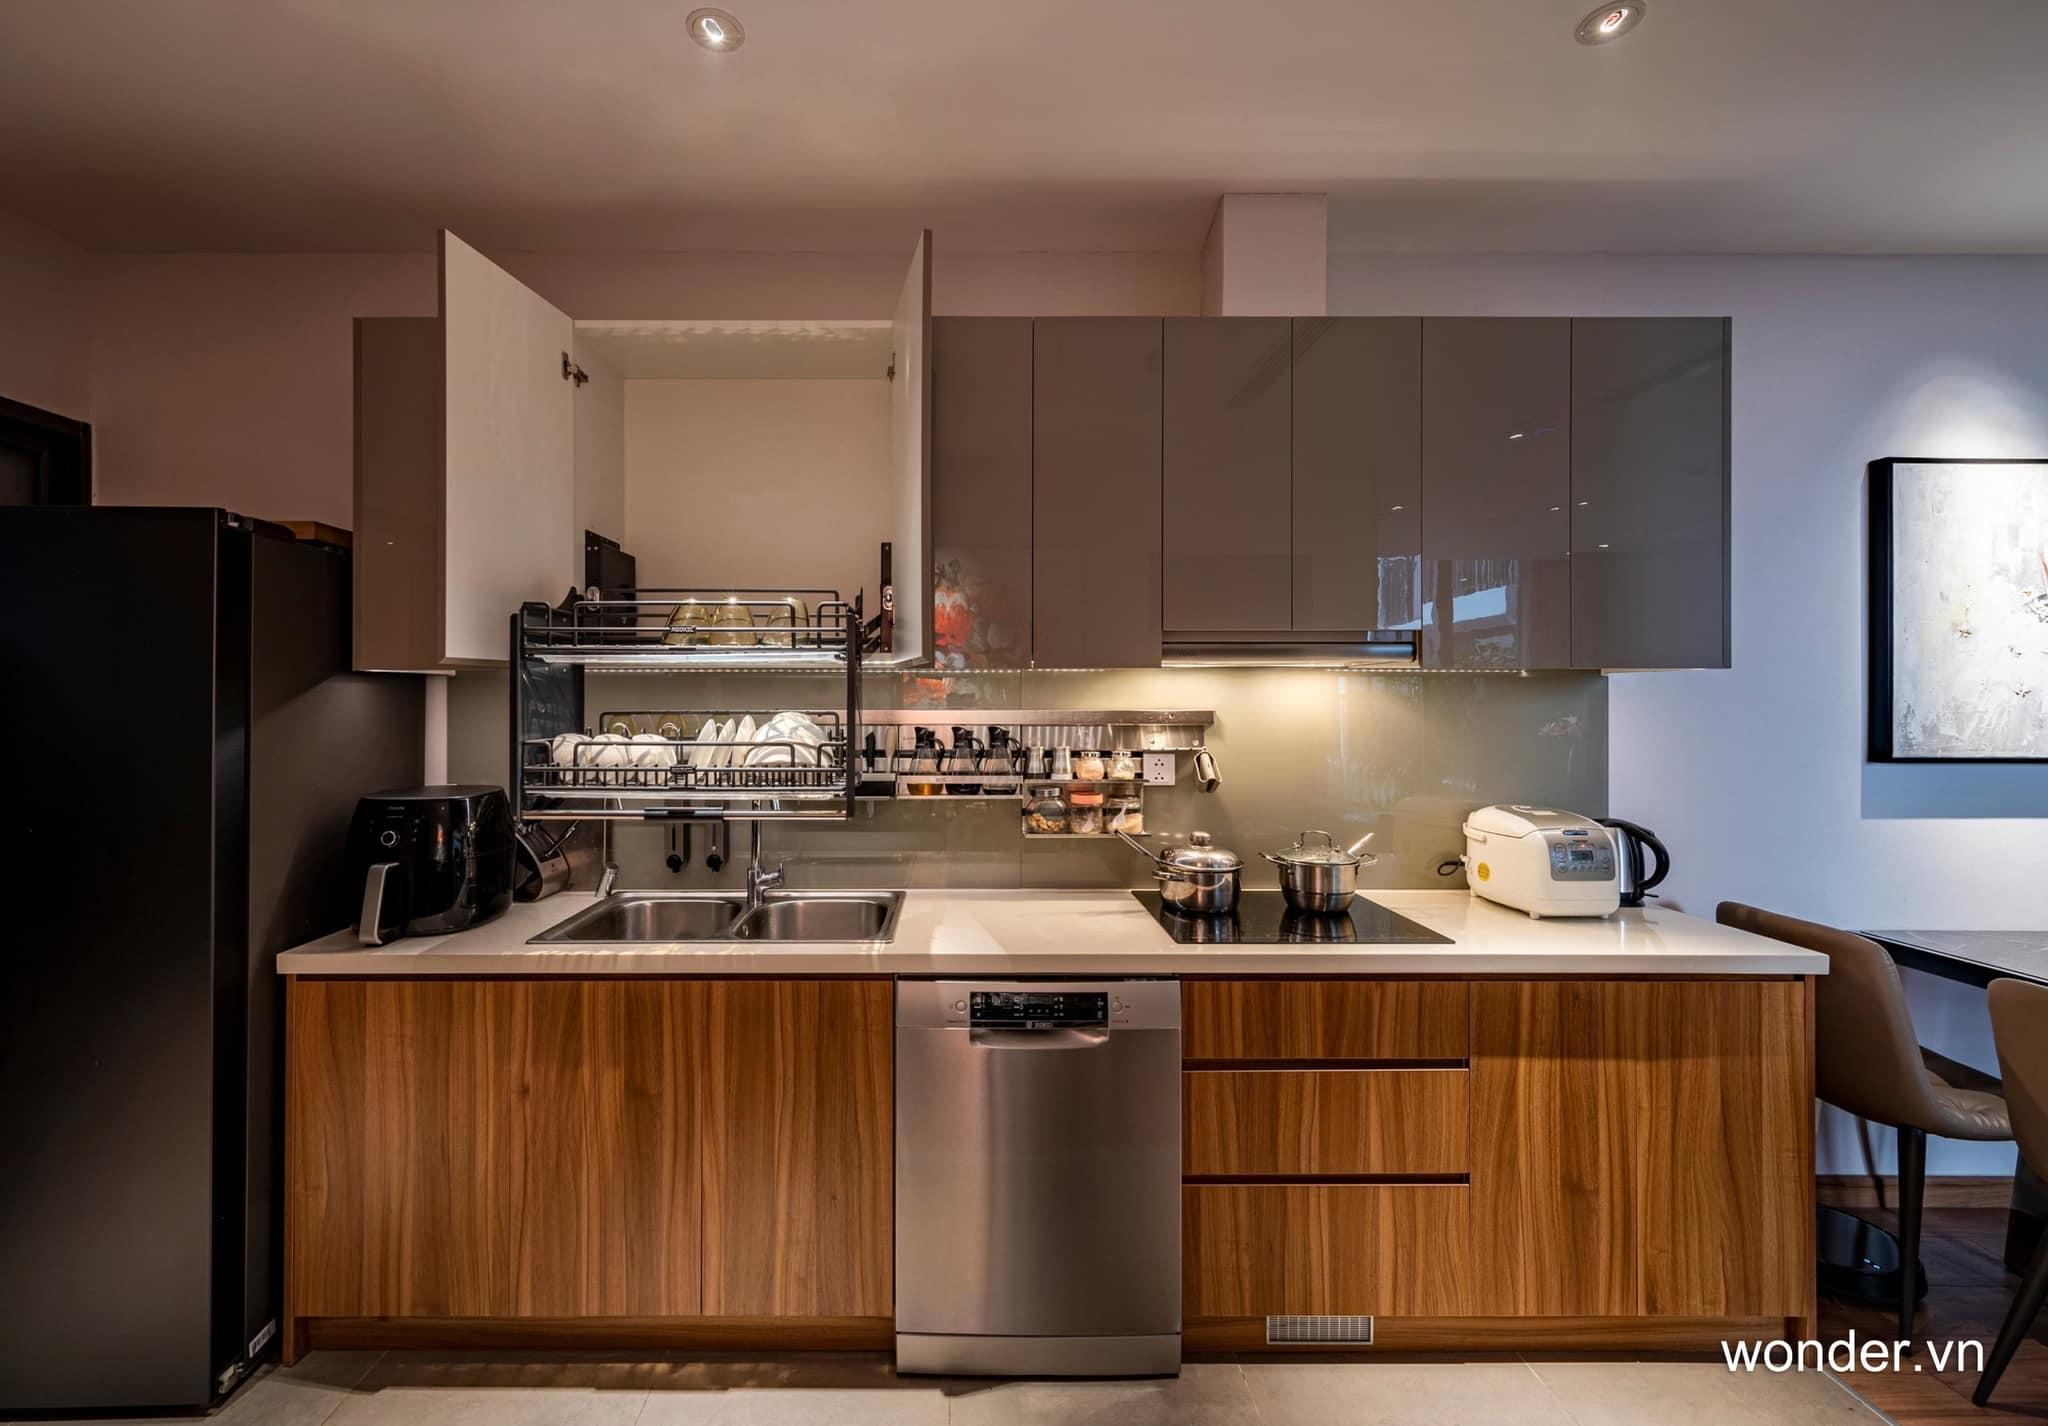 Có thể là hình ảnh về nội thất, bếp và văn bản cho biết 'wonder.vn'